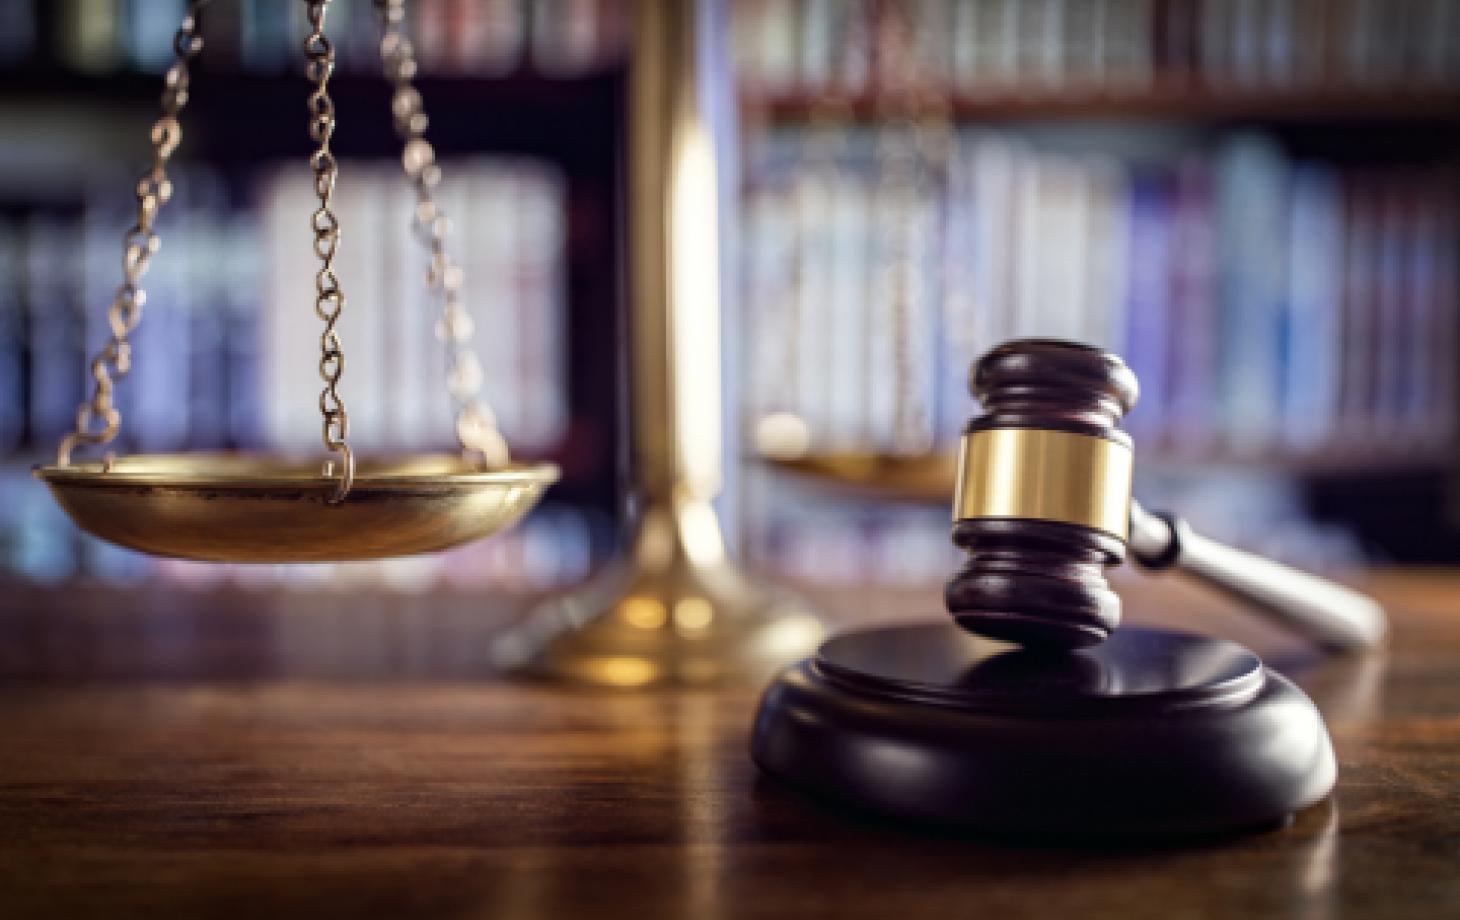 Судебный приговор, судебный молоток, суд